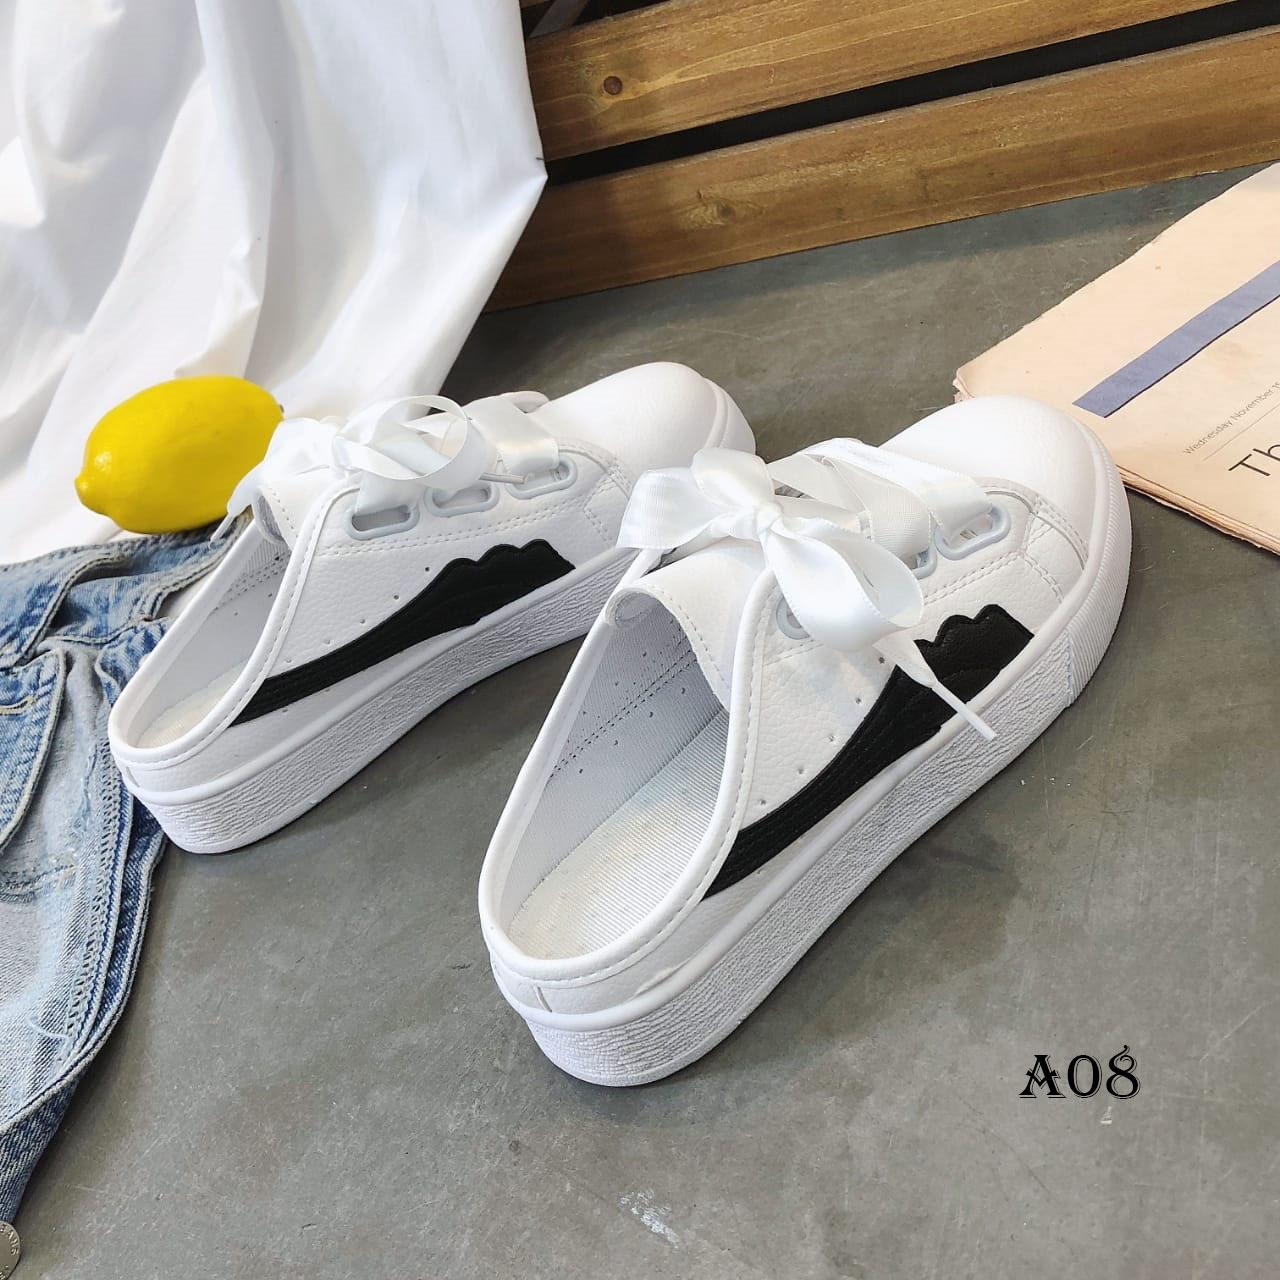 sepatu wanita import batam murah 2020SSS-A006-A08JLsepatu wanita import china,sepatu wanita import batam murah,sepatu wanita import murah meriah